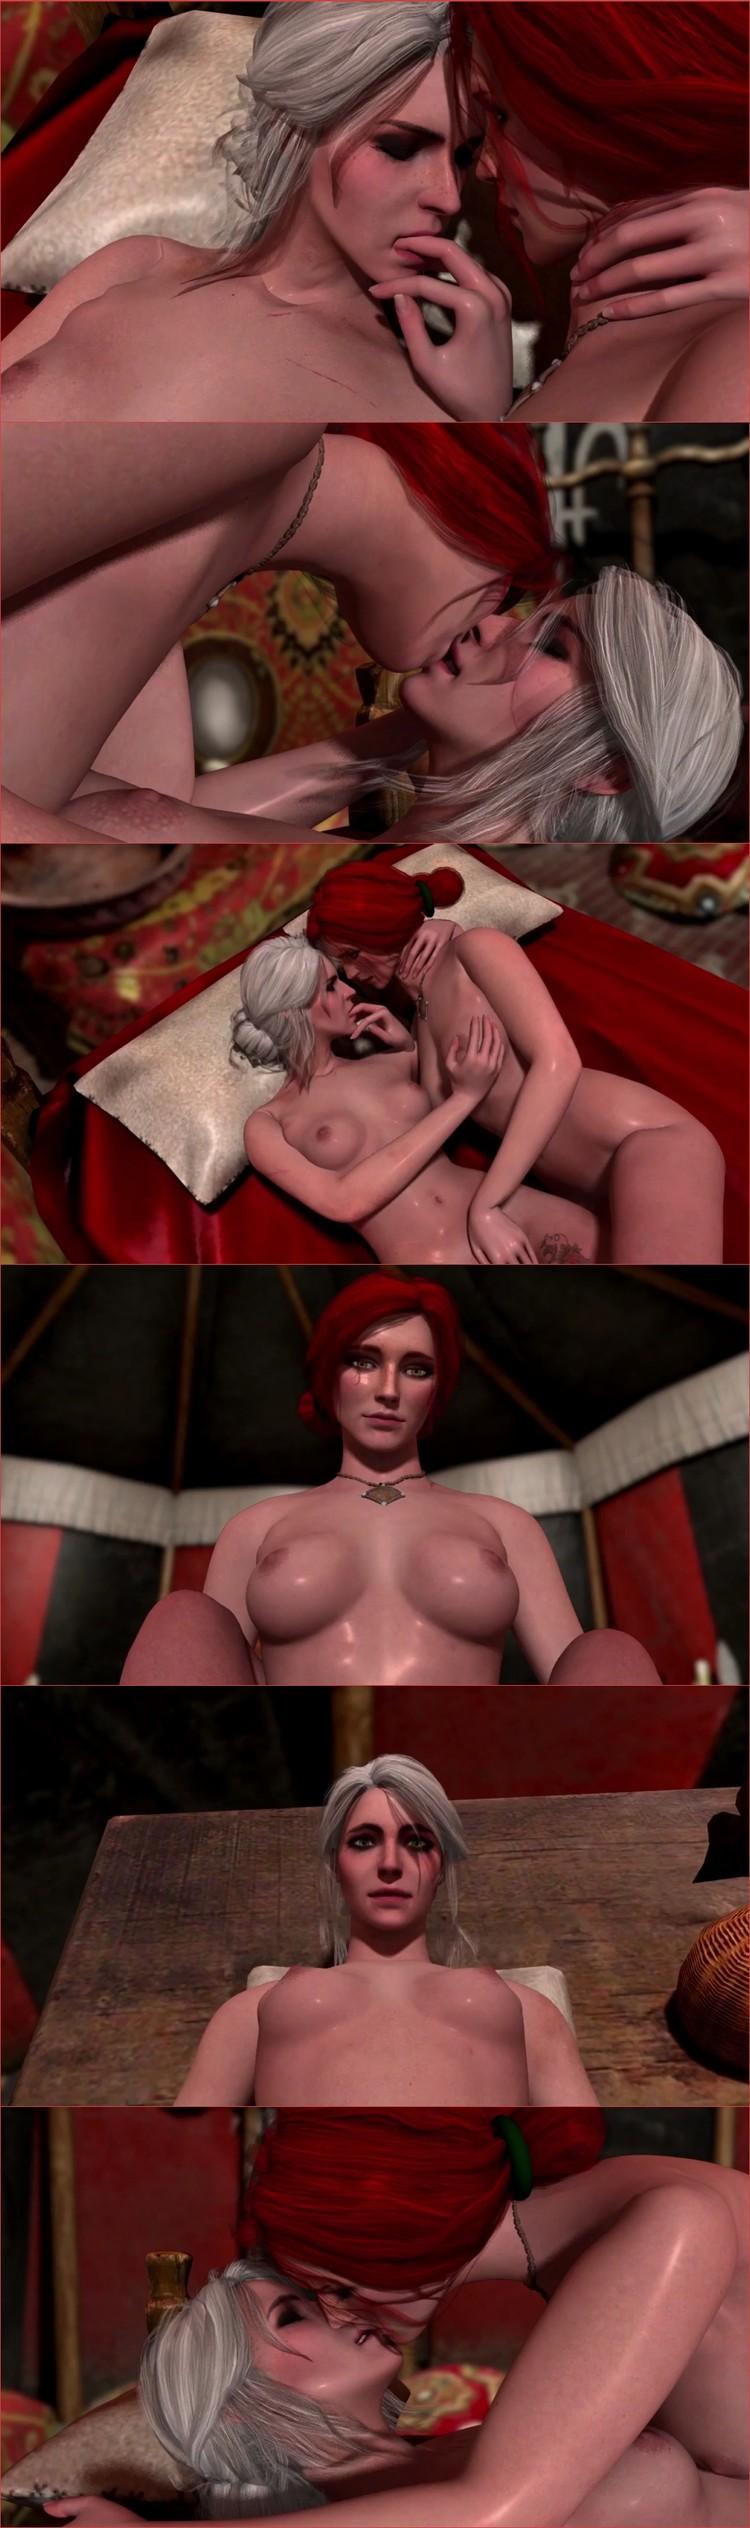 Hentai_44-Ciri _ Triss Free Cartoon HD Porn_cover,